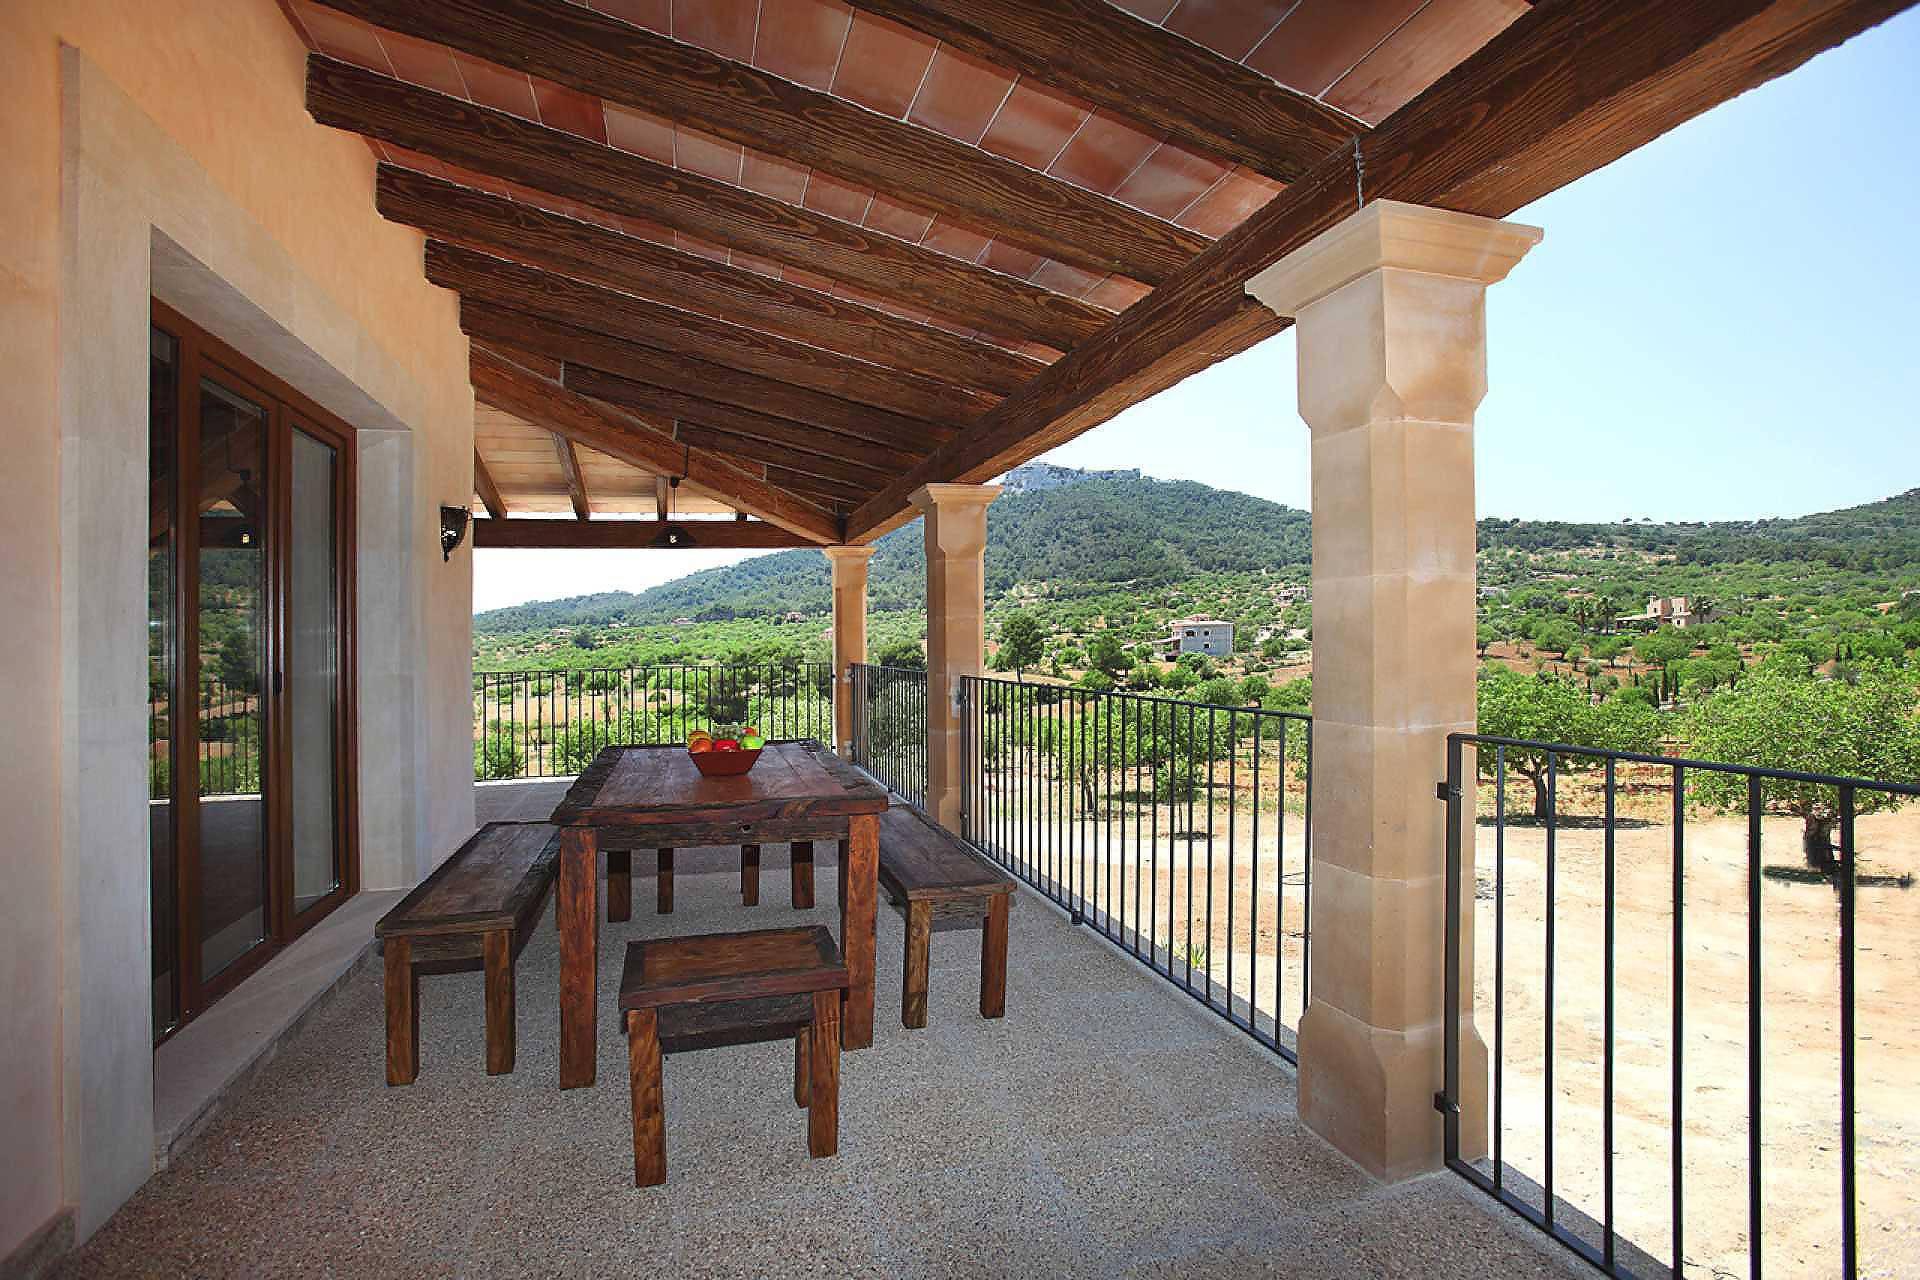 01-45 Exklusive Finca Mallorca Osten Bild 16